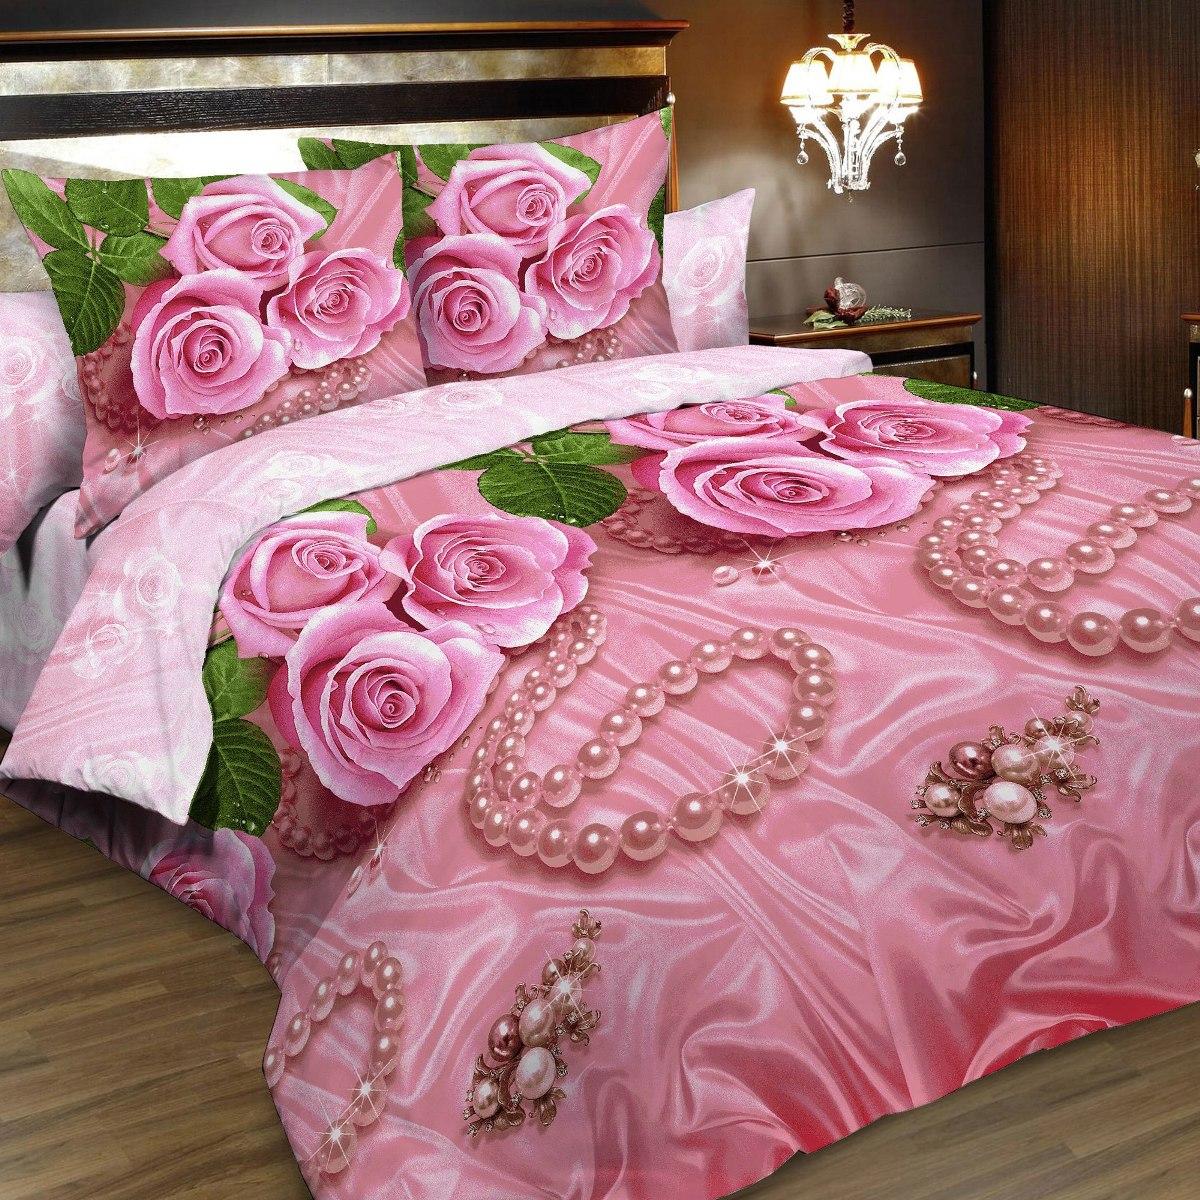 Комплект белья Letto, семейный, наволочки 70х70, цвет: розовый. B161-7B161-7Серия Letto «Традиция» выполнена из классической российской бязи, привычной для большинства российских покупательниц. Ткань плотная (125гр/м), используются современные устойчивые красители. Традиционная российская бязь выгодно отличается от импортных аналогов по цене, при том, что сама ткань и толще, меньше сминается и служит намного дольше. Рекомендуется перед первым использованием постирать, но не пересушивать. Применение кондиционера при стирке сделает такое постельное белье мягче и комфортней. Пододеяльник на молнии. Обращаем внимание, что расцветка наволочек может отличаться от представленной на фото.